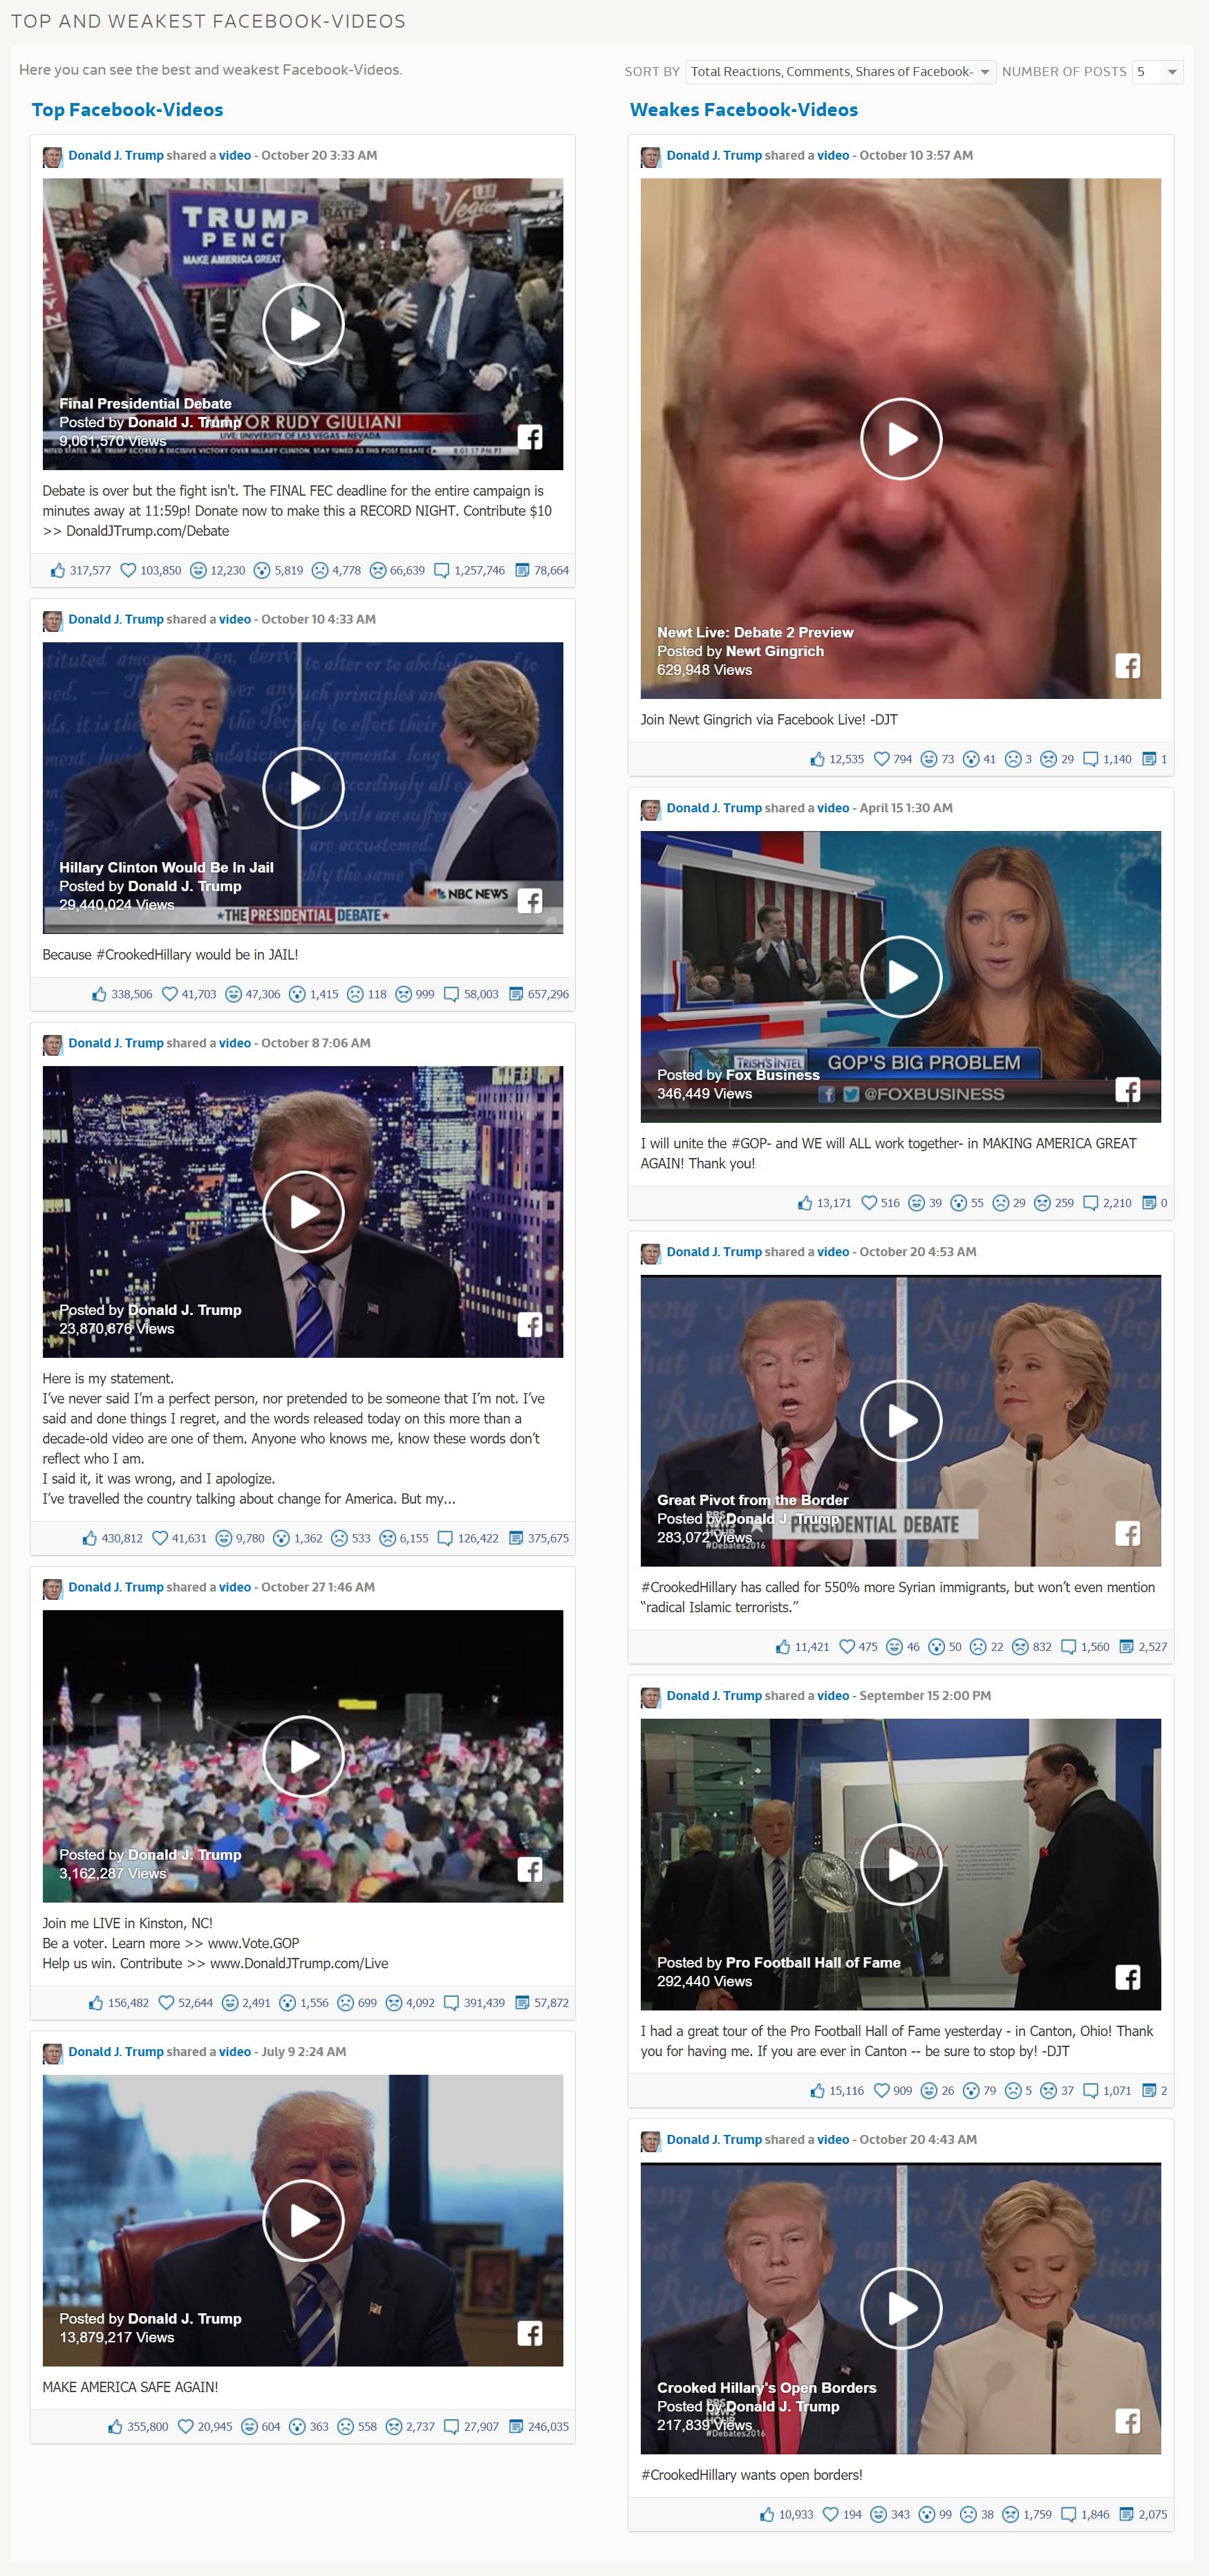 Donald J. Trump (5)